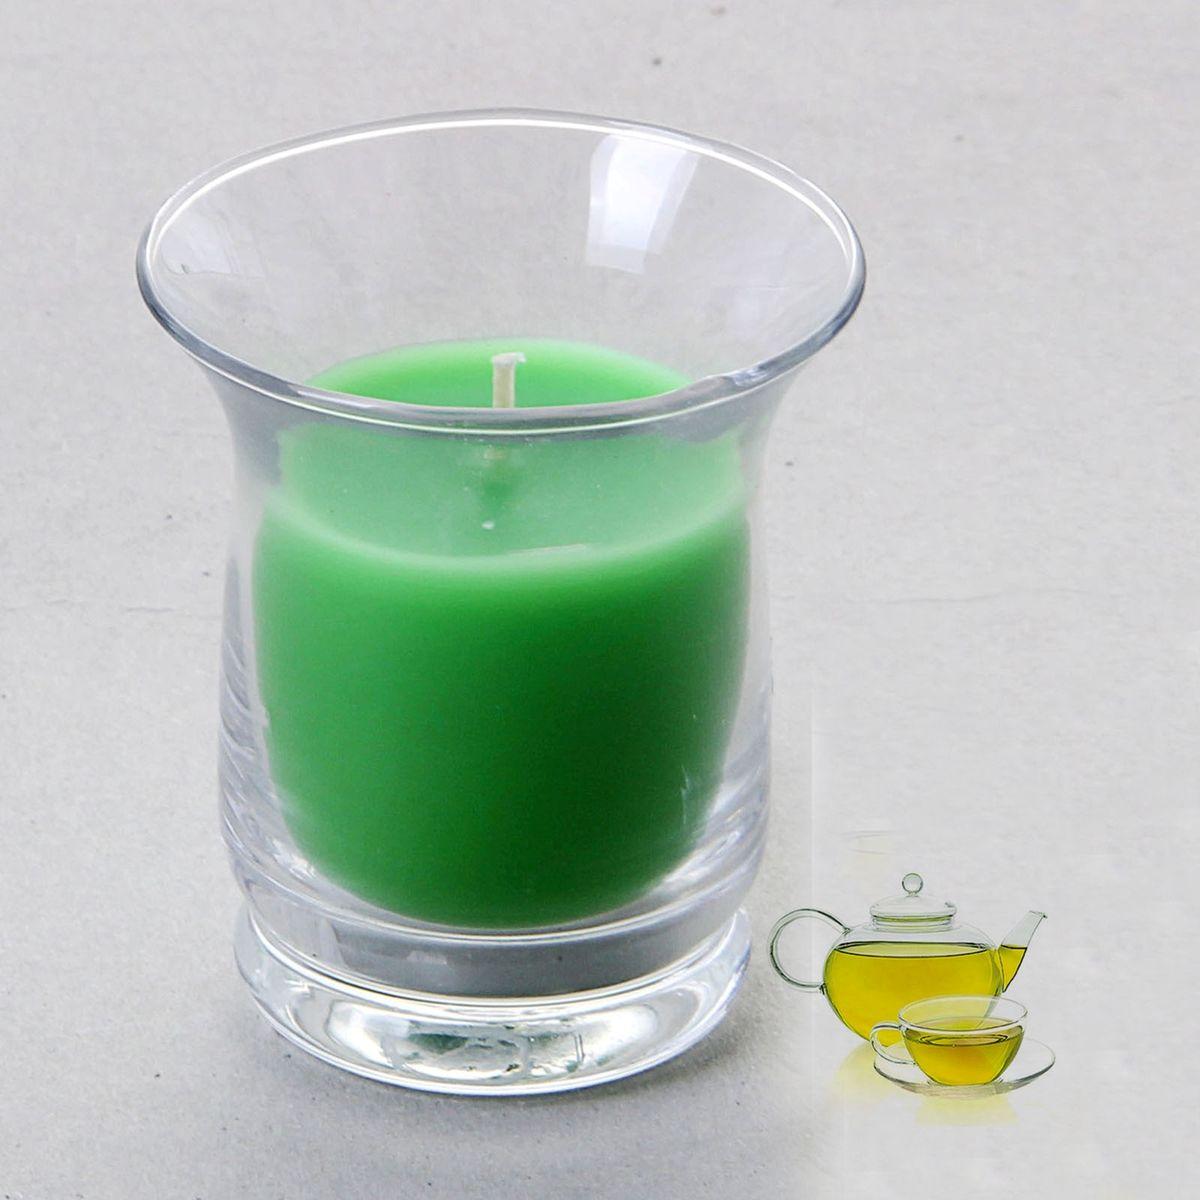 Свеча ароматизированная Sima-land Романтика, с ароматом зеленого чая, цвет: зеленый, высота 7,5 см849622Ароматизированная свеча Sima-land Романтика изготовлена из воска и расположена в стеклянном стакане. Изделие отличается оригинальным дизайном и приятным запоминающимся ароматом.Свеча Sima-land Романтика - это прекрасный выбор для тех, кто хочет сделать запоминающийся презент родным и близким. Она поможет создать атмосферу праздника. Такой подарок запомнится надолго.